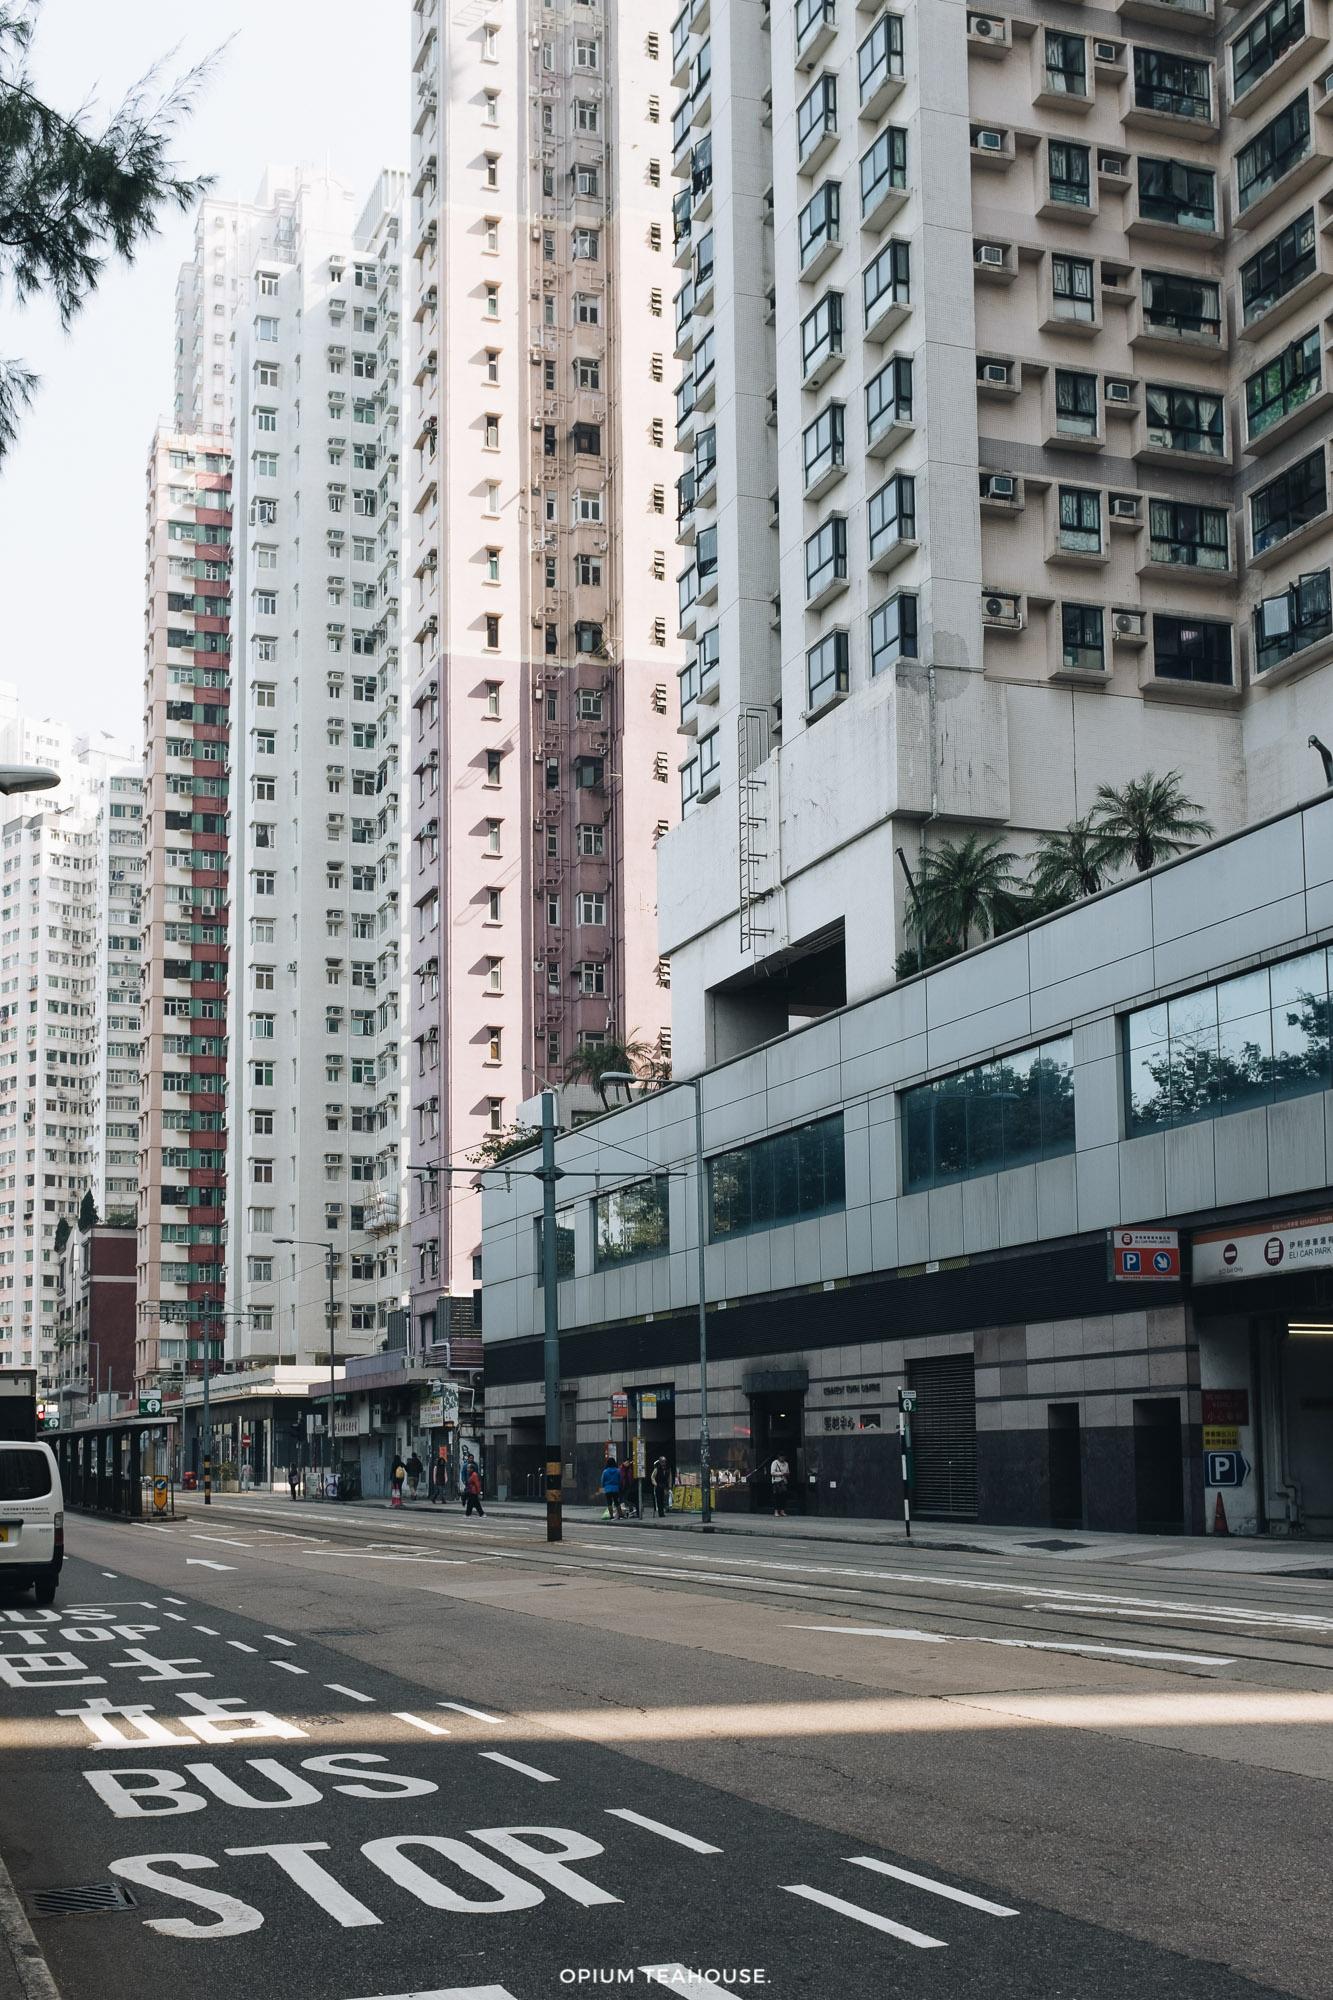 OTH_8799_2017, Central, Hong Kong.jpg